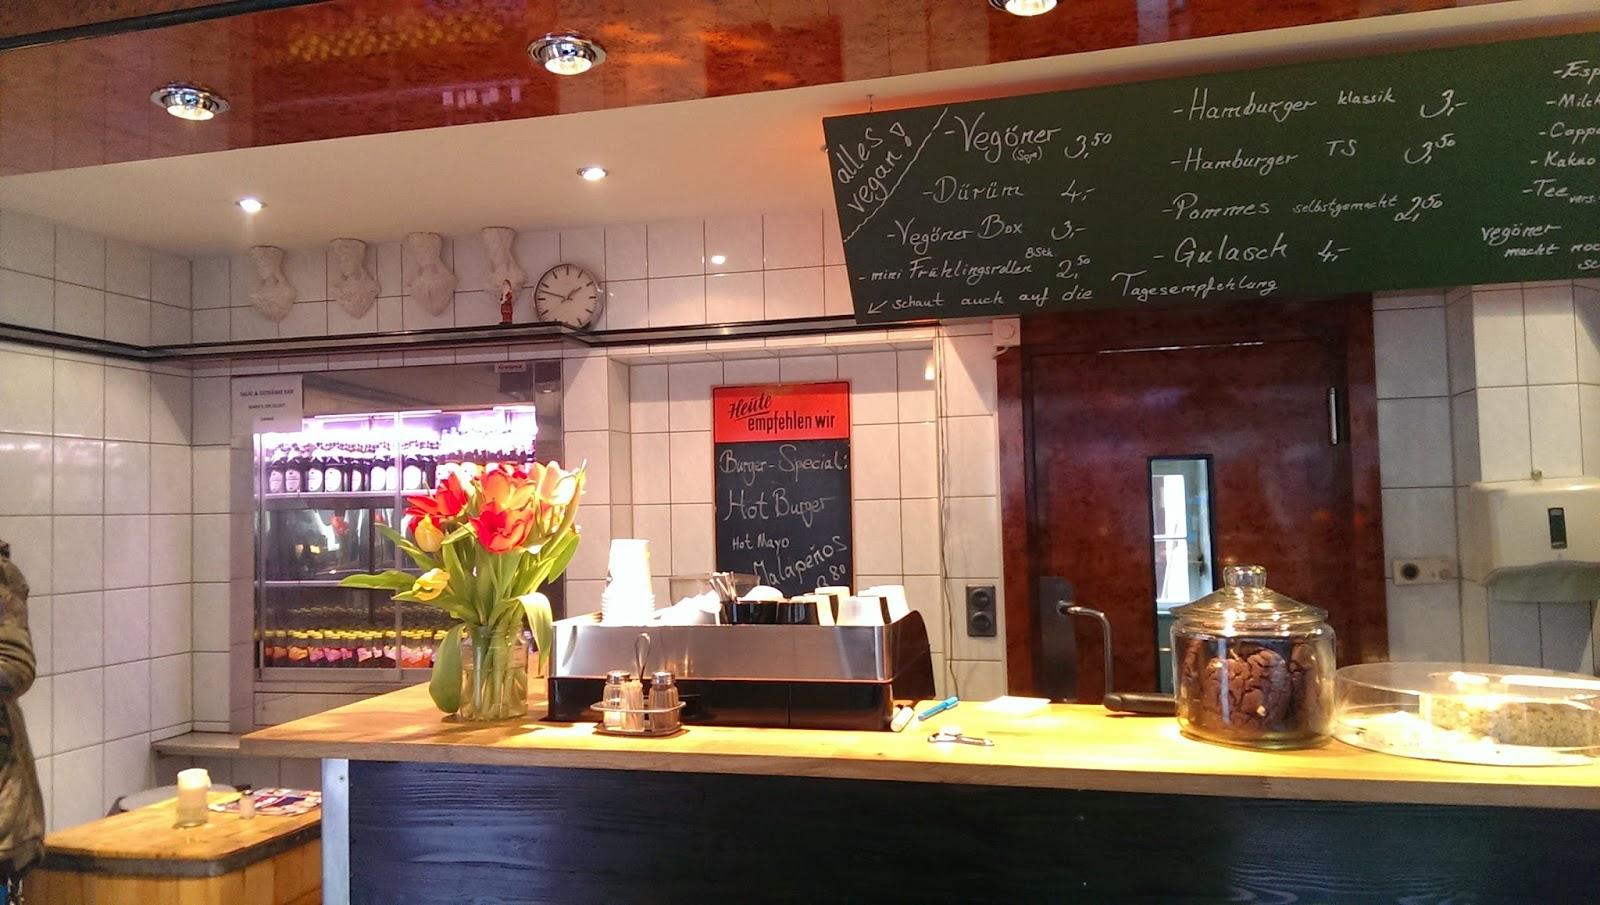 kuchen vegan nurnberg appetitlich foto blog f r sie